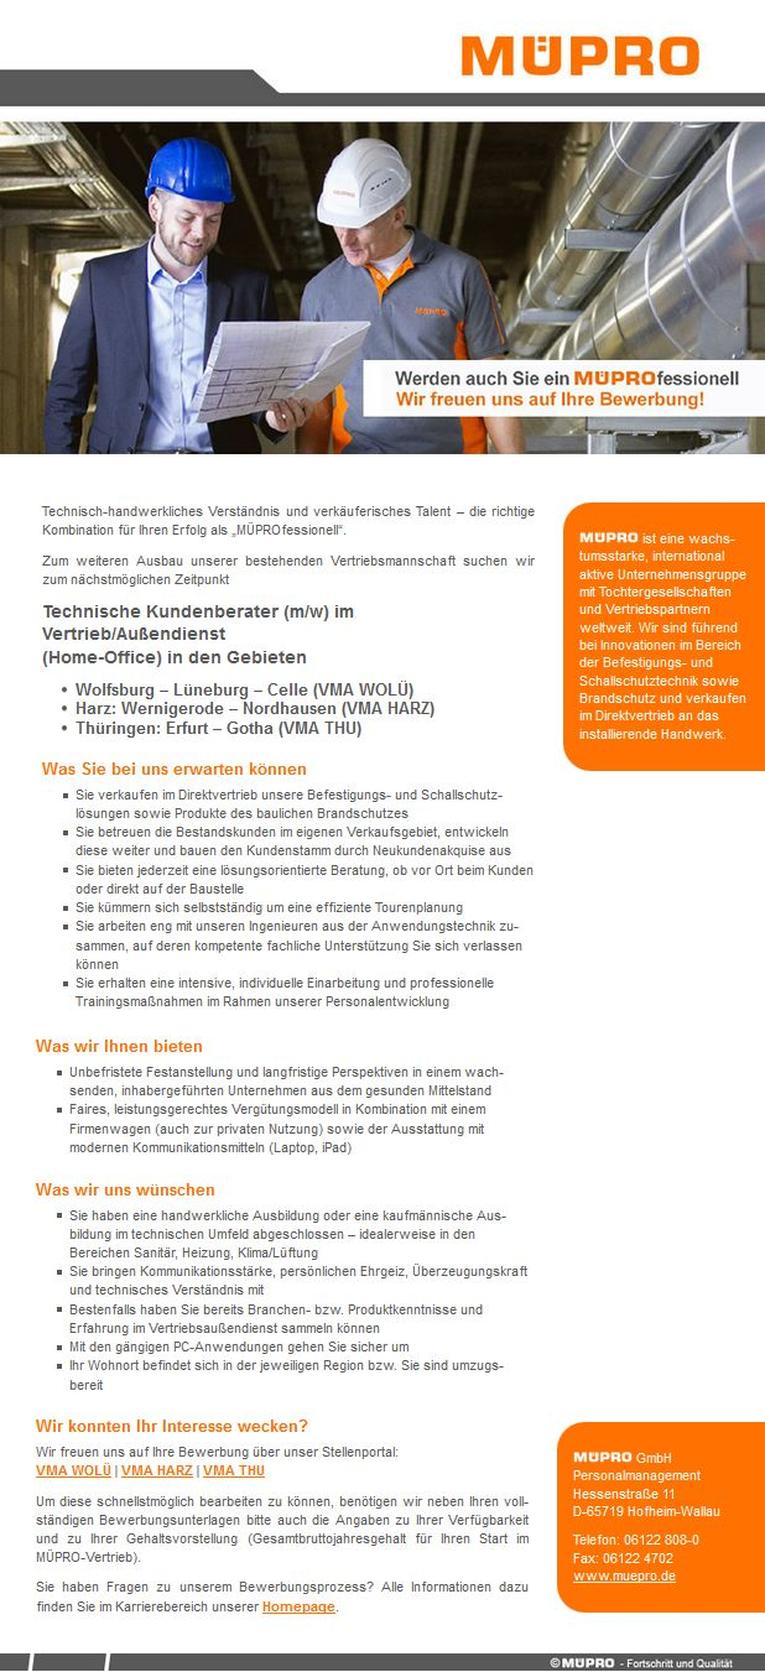 Technischer Kundenberater (m/w) im Vertrieb/Außendienst (Home-Office) für Thüringen (Erfurt – Gotha)